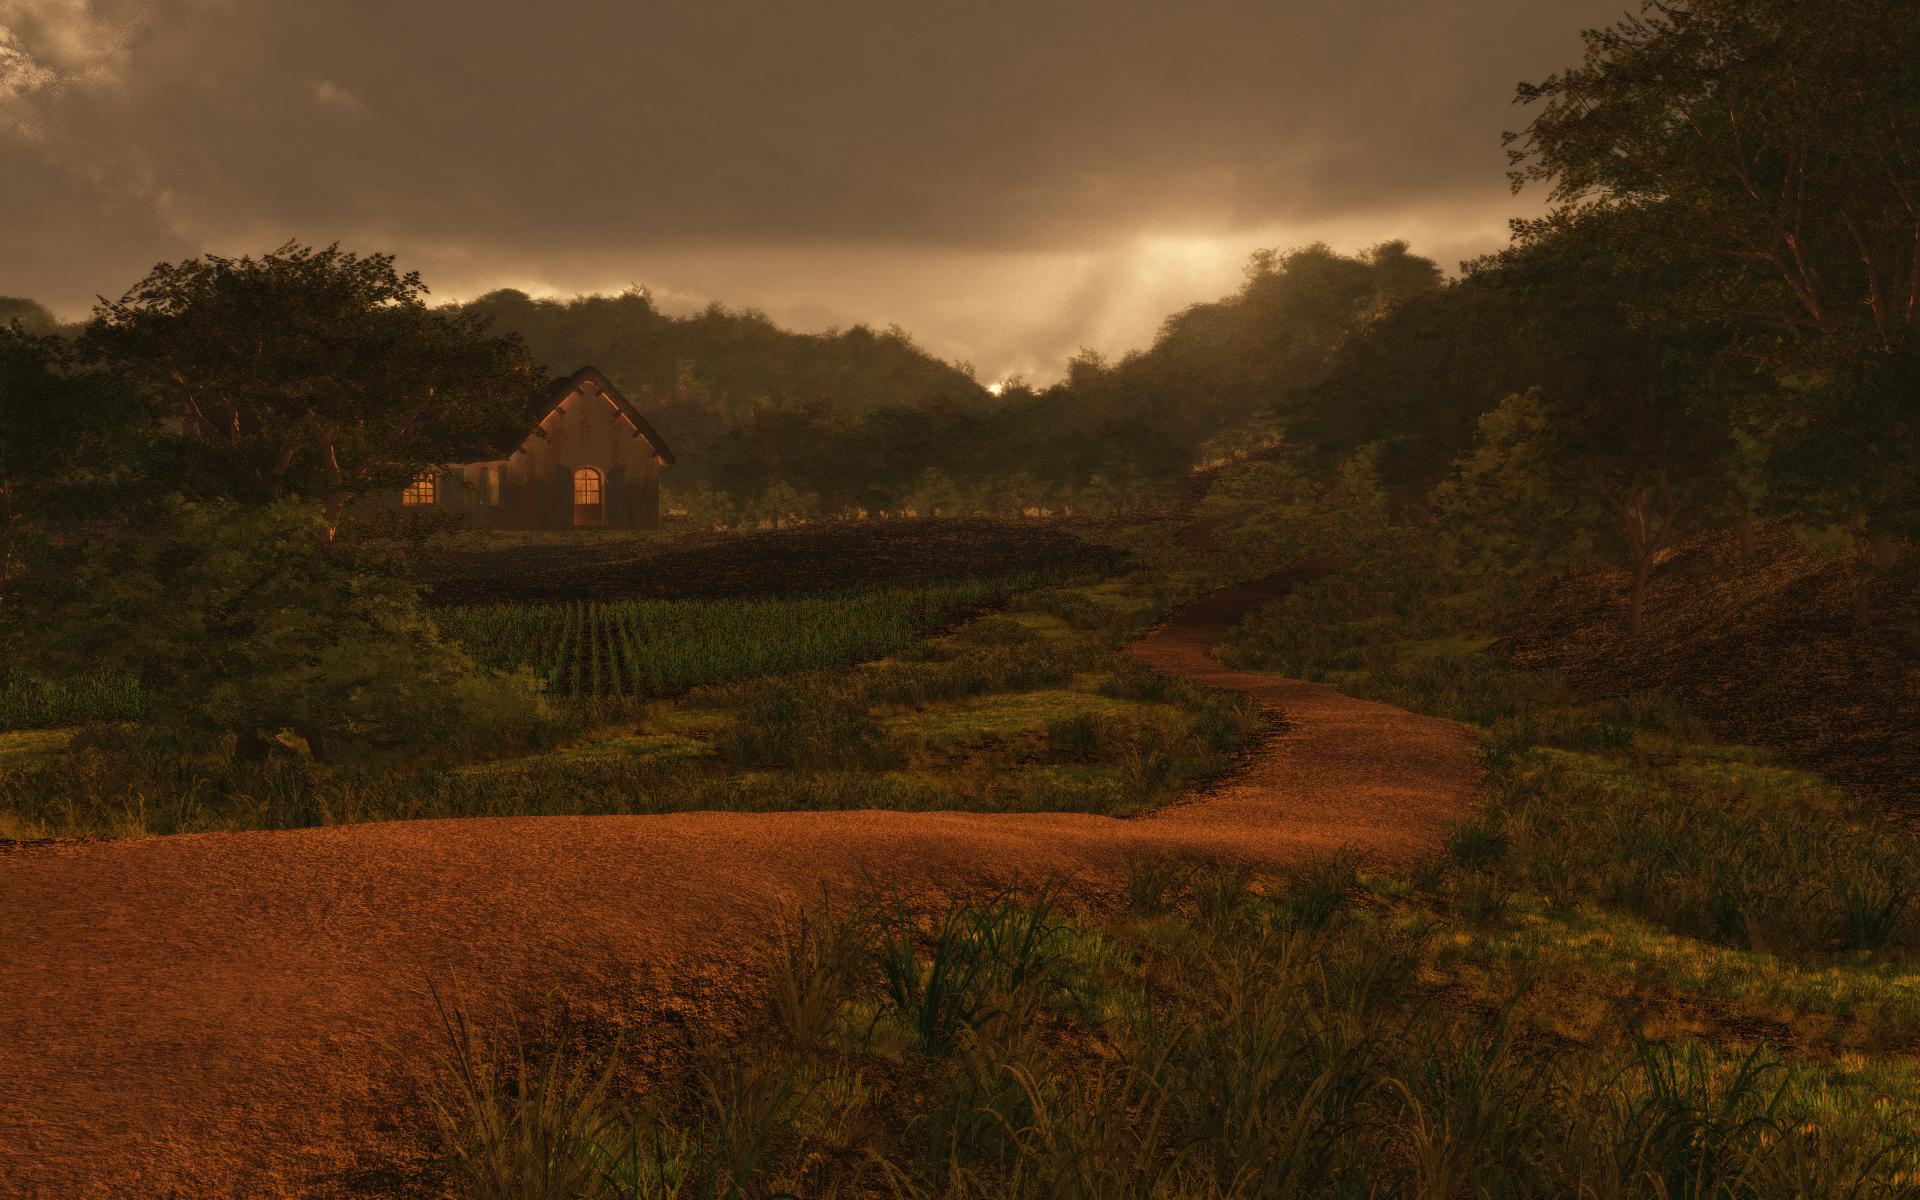 wallpaper buildings landscapes landscape - photo #48